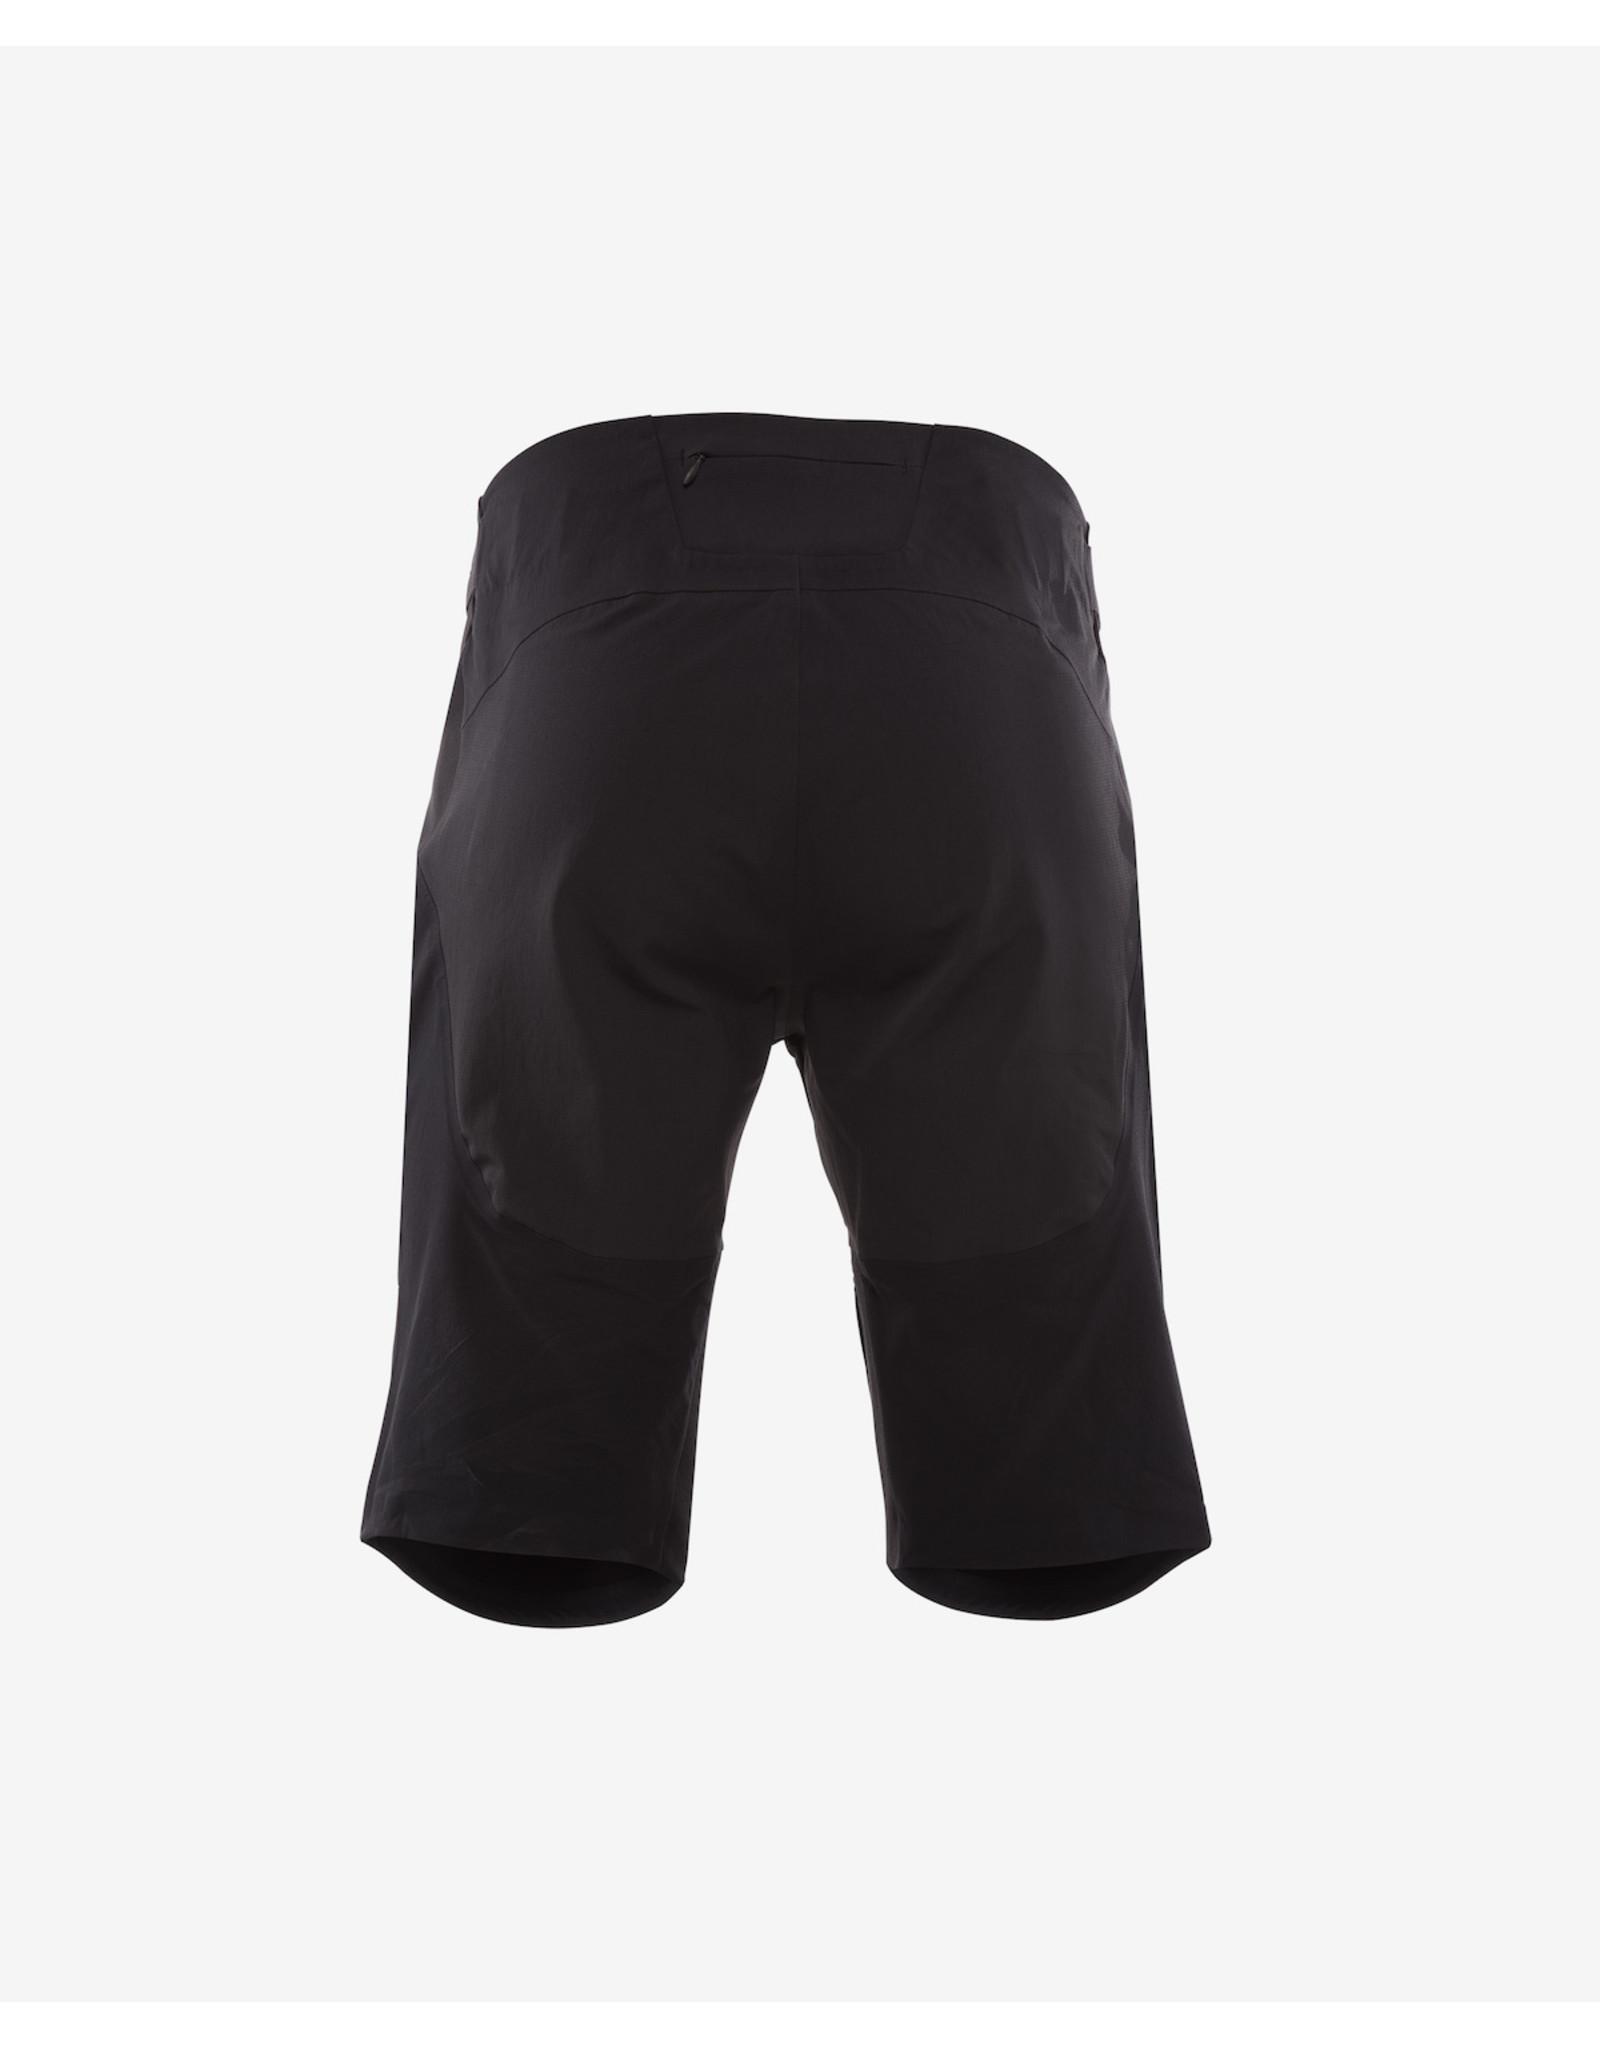 POC POC Resistance Pro DH Shorts